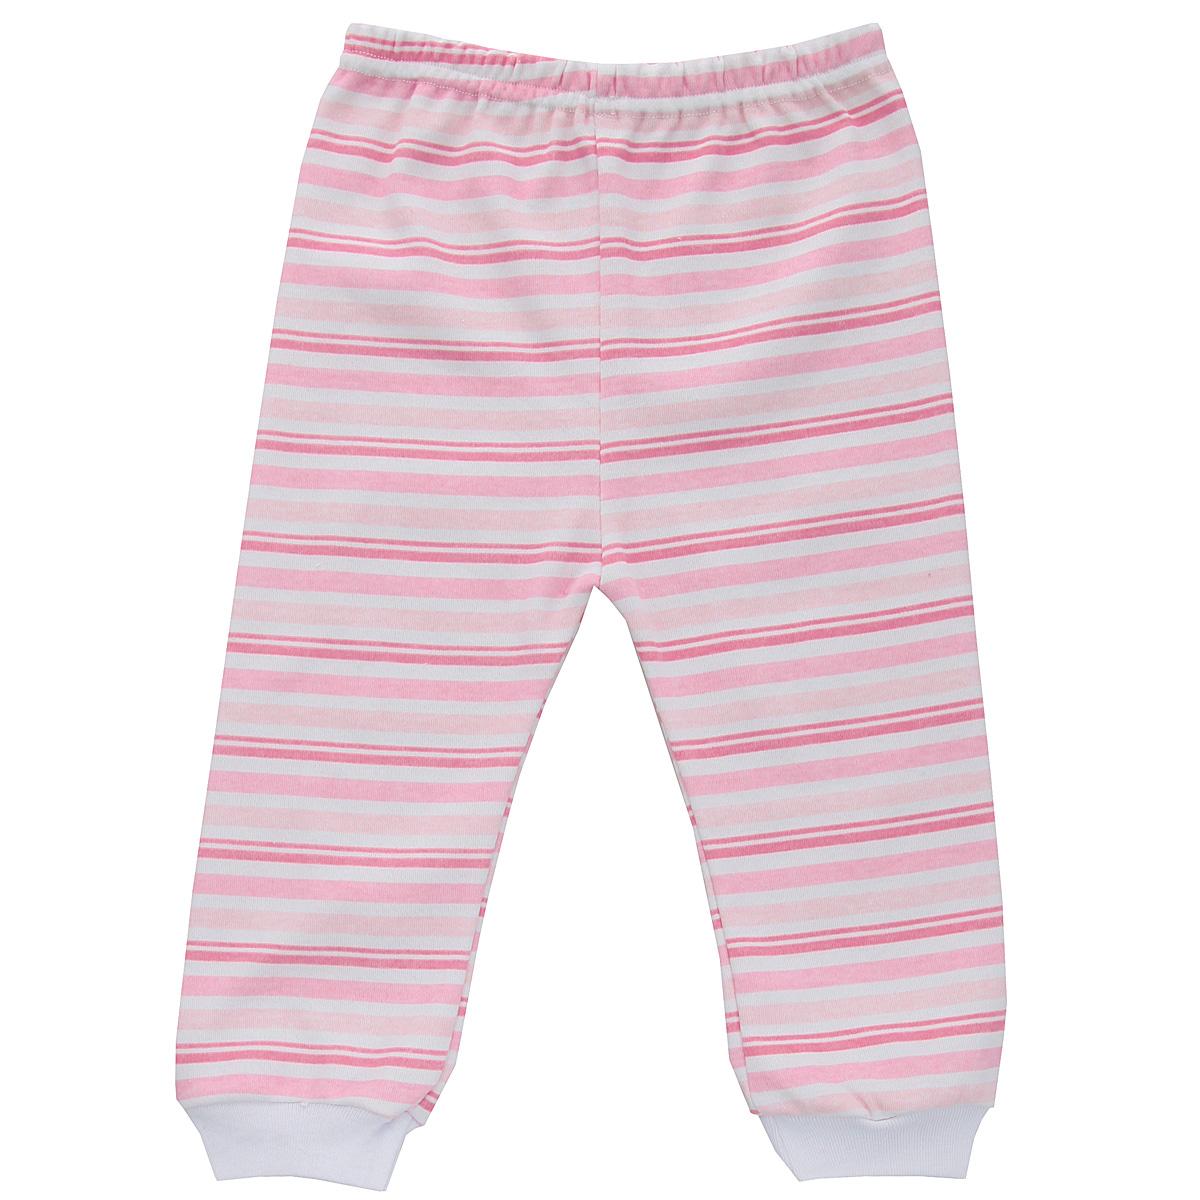 Штанишки Трон-плюс, цвет: розовый, белый. 5315_полоска. Размер 80, 12 месяцев5315_полоскаУдобные штанишки Трон-плюс идеально подойдут вашему ребенку и станут отличным дополнением к детскому гардеробу. Изготовленные из натурального хлопка, они необычайно мягкие и легкие, не сковывают движения, позволяют коже дышать и не раздражают даже самую нежную и чувствительную кожу ребенка. Штанишки на талии имеют эластичную резинку, благодаря чему они не сдавливают животик ребенка и не сползают. Низ штанишек дополнен широкими эластичными манжетами. Оформлена модель принтом в полоску. В таких штанишках ваш ребенок будет чувствовать себя комфортно и уютно.